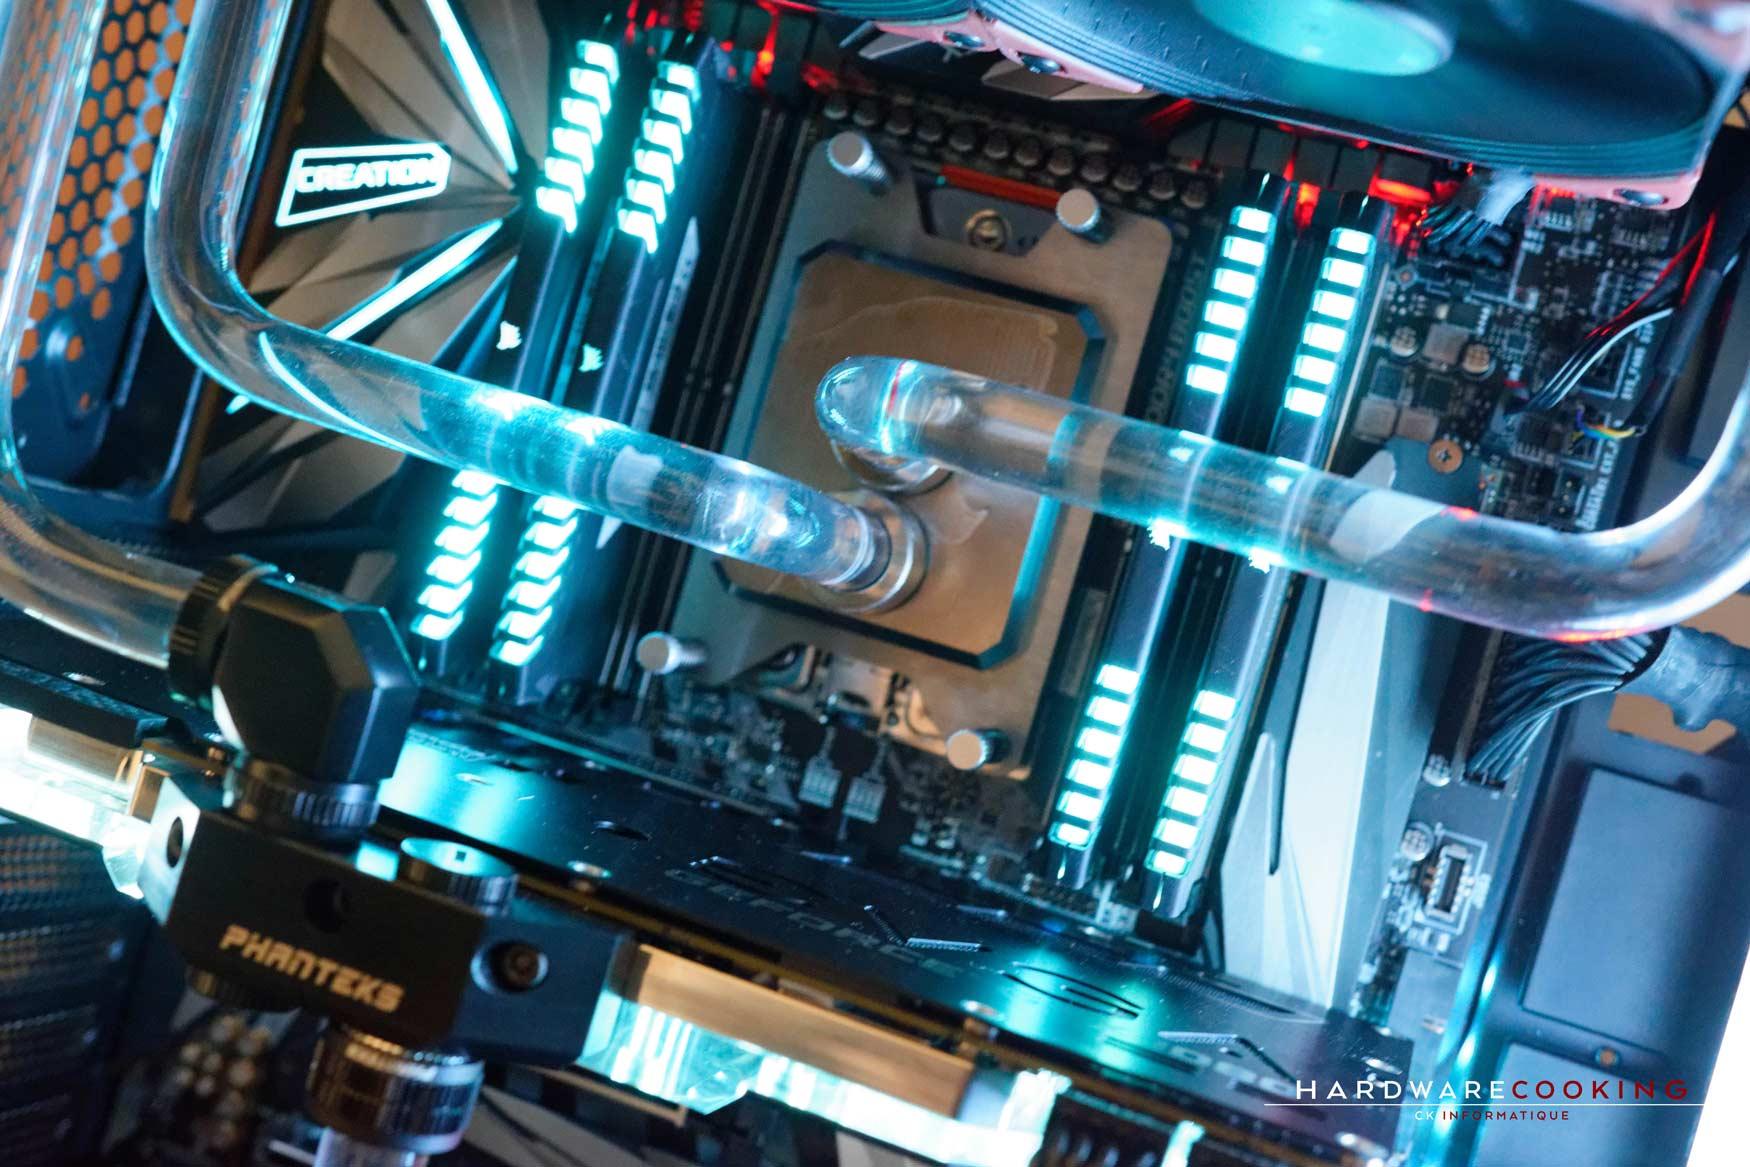 Rig du jour : Crustal Link par HardwareCooking : WB CPU hybrid Cooling Modding HCM PRO